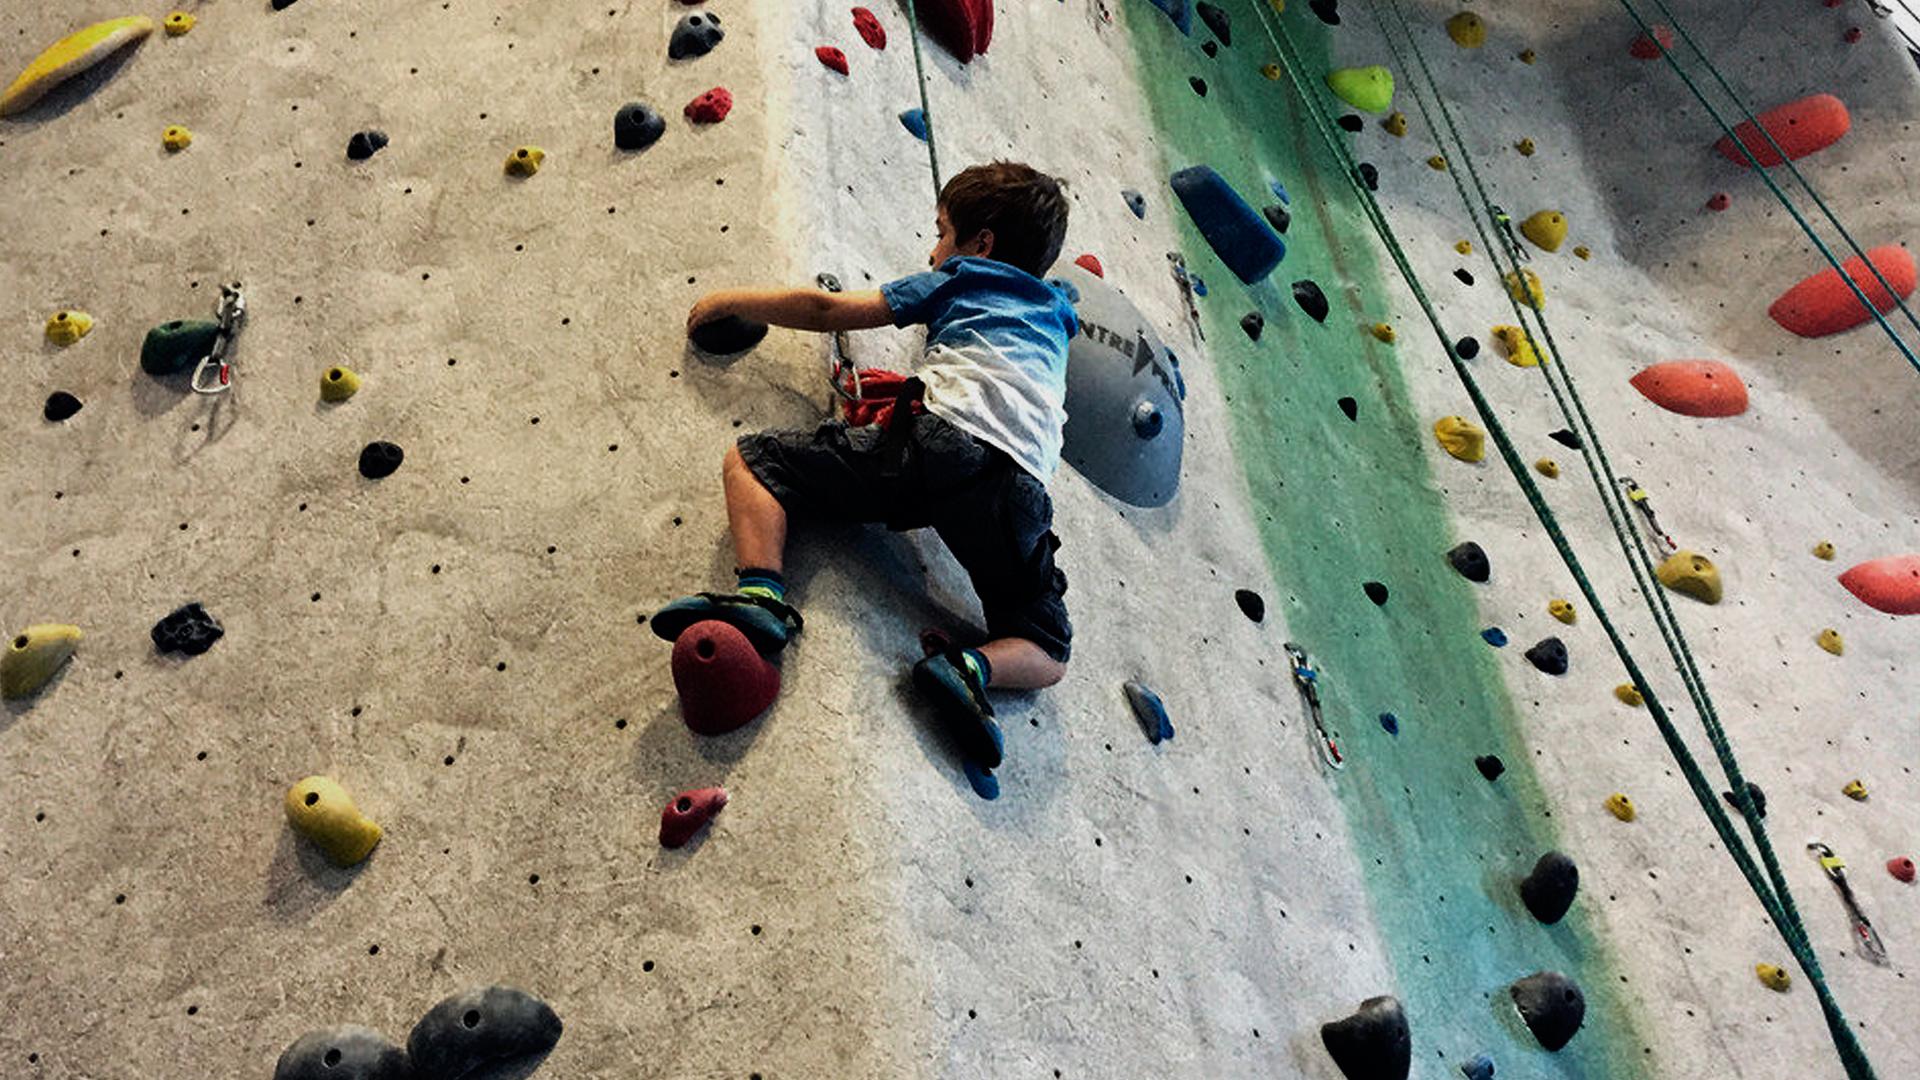 Criança praticando escalada indoor. Ela está se segurando nas agarras e com a corda de segurança amarrada em seu corpo.